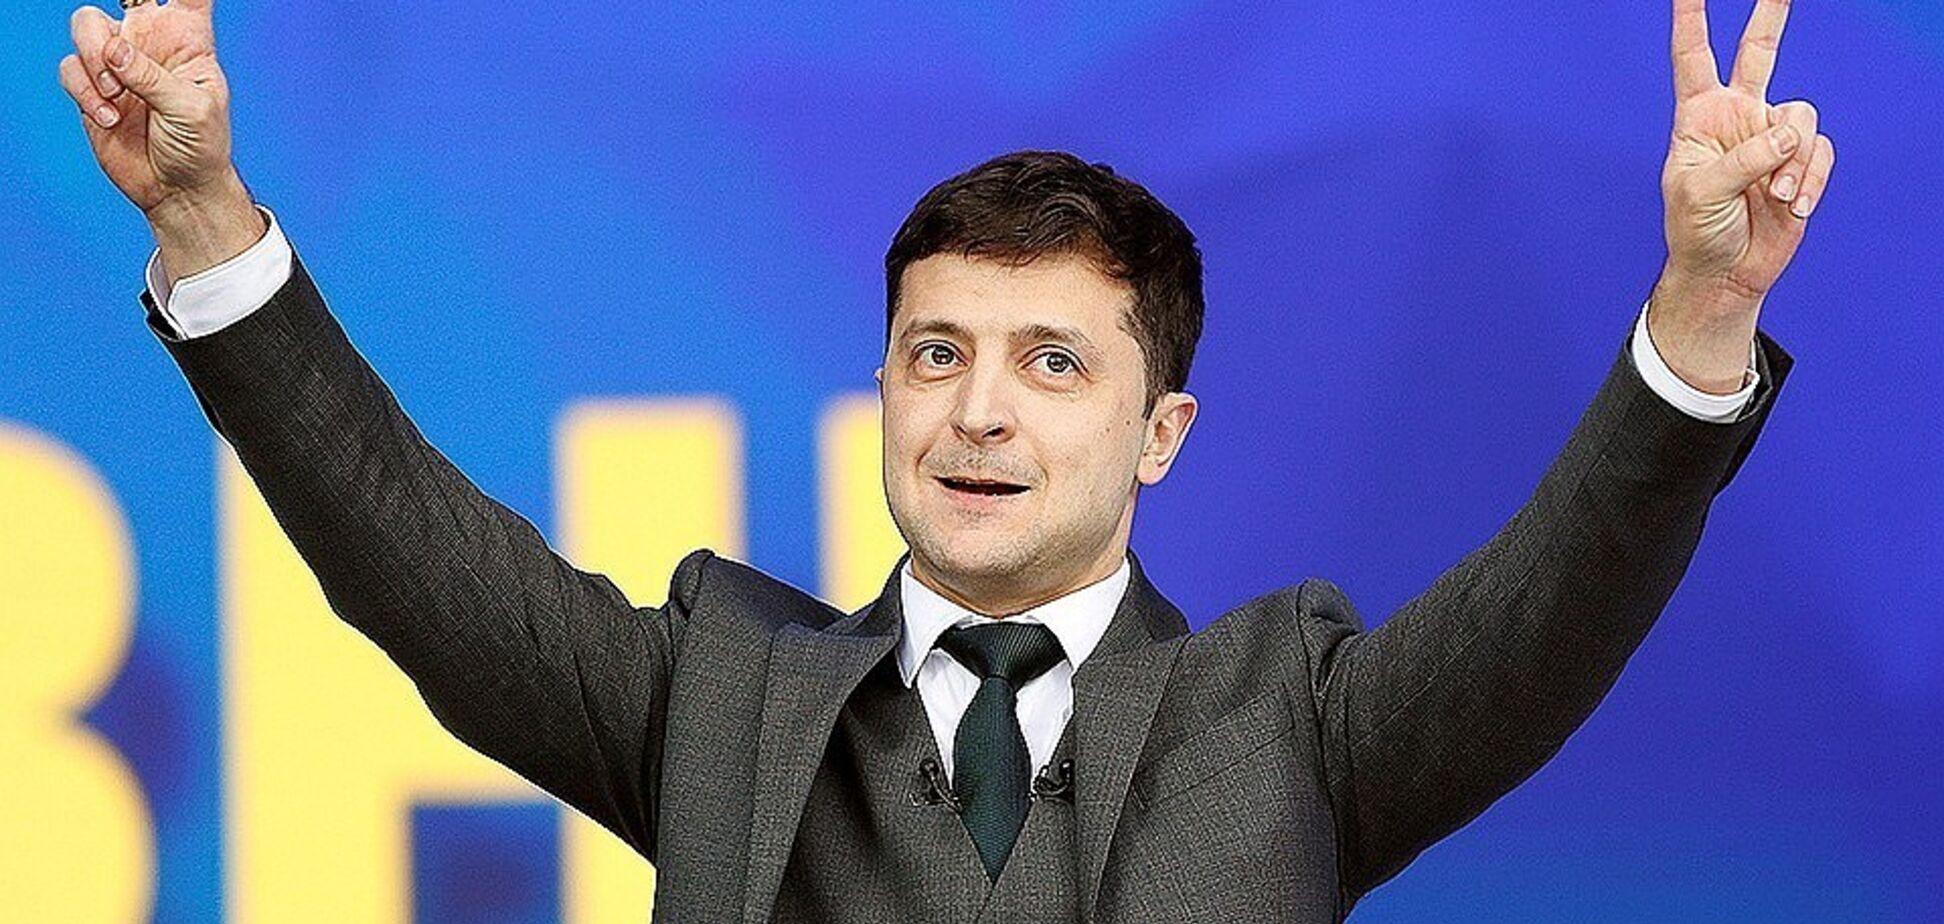 'Какой сюр!' В Украине начали продавать бюсты Зеленского с позолотой